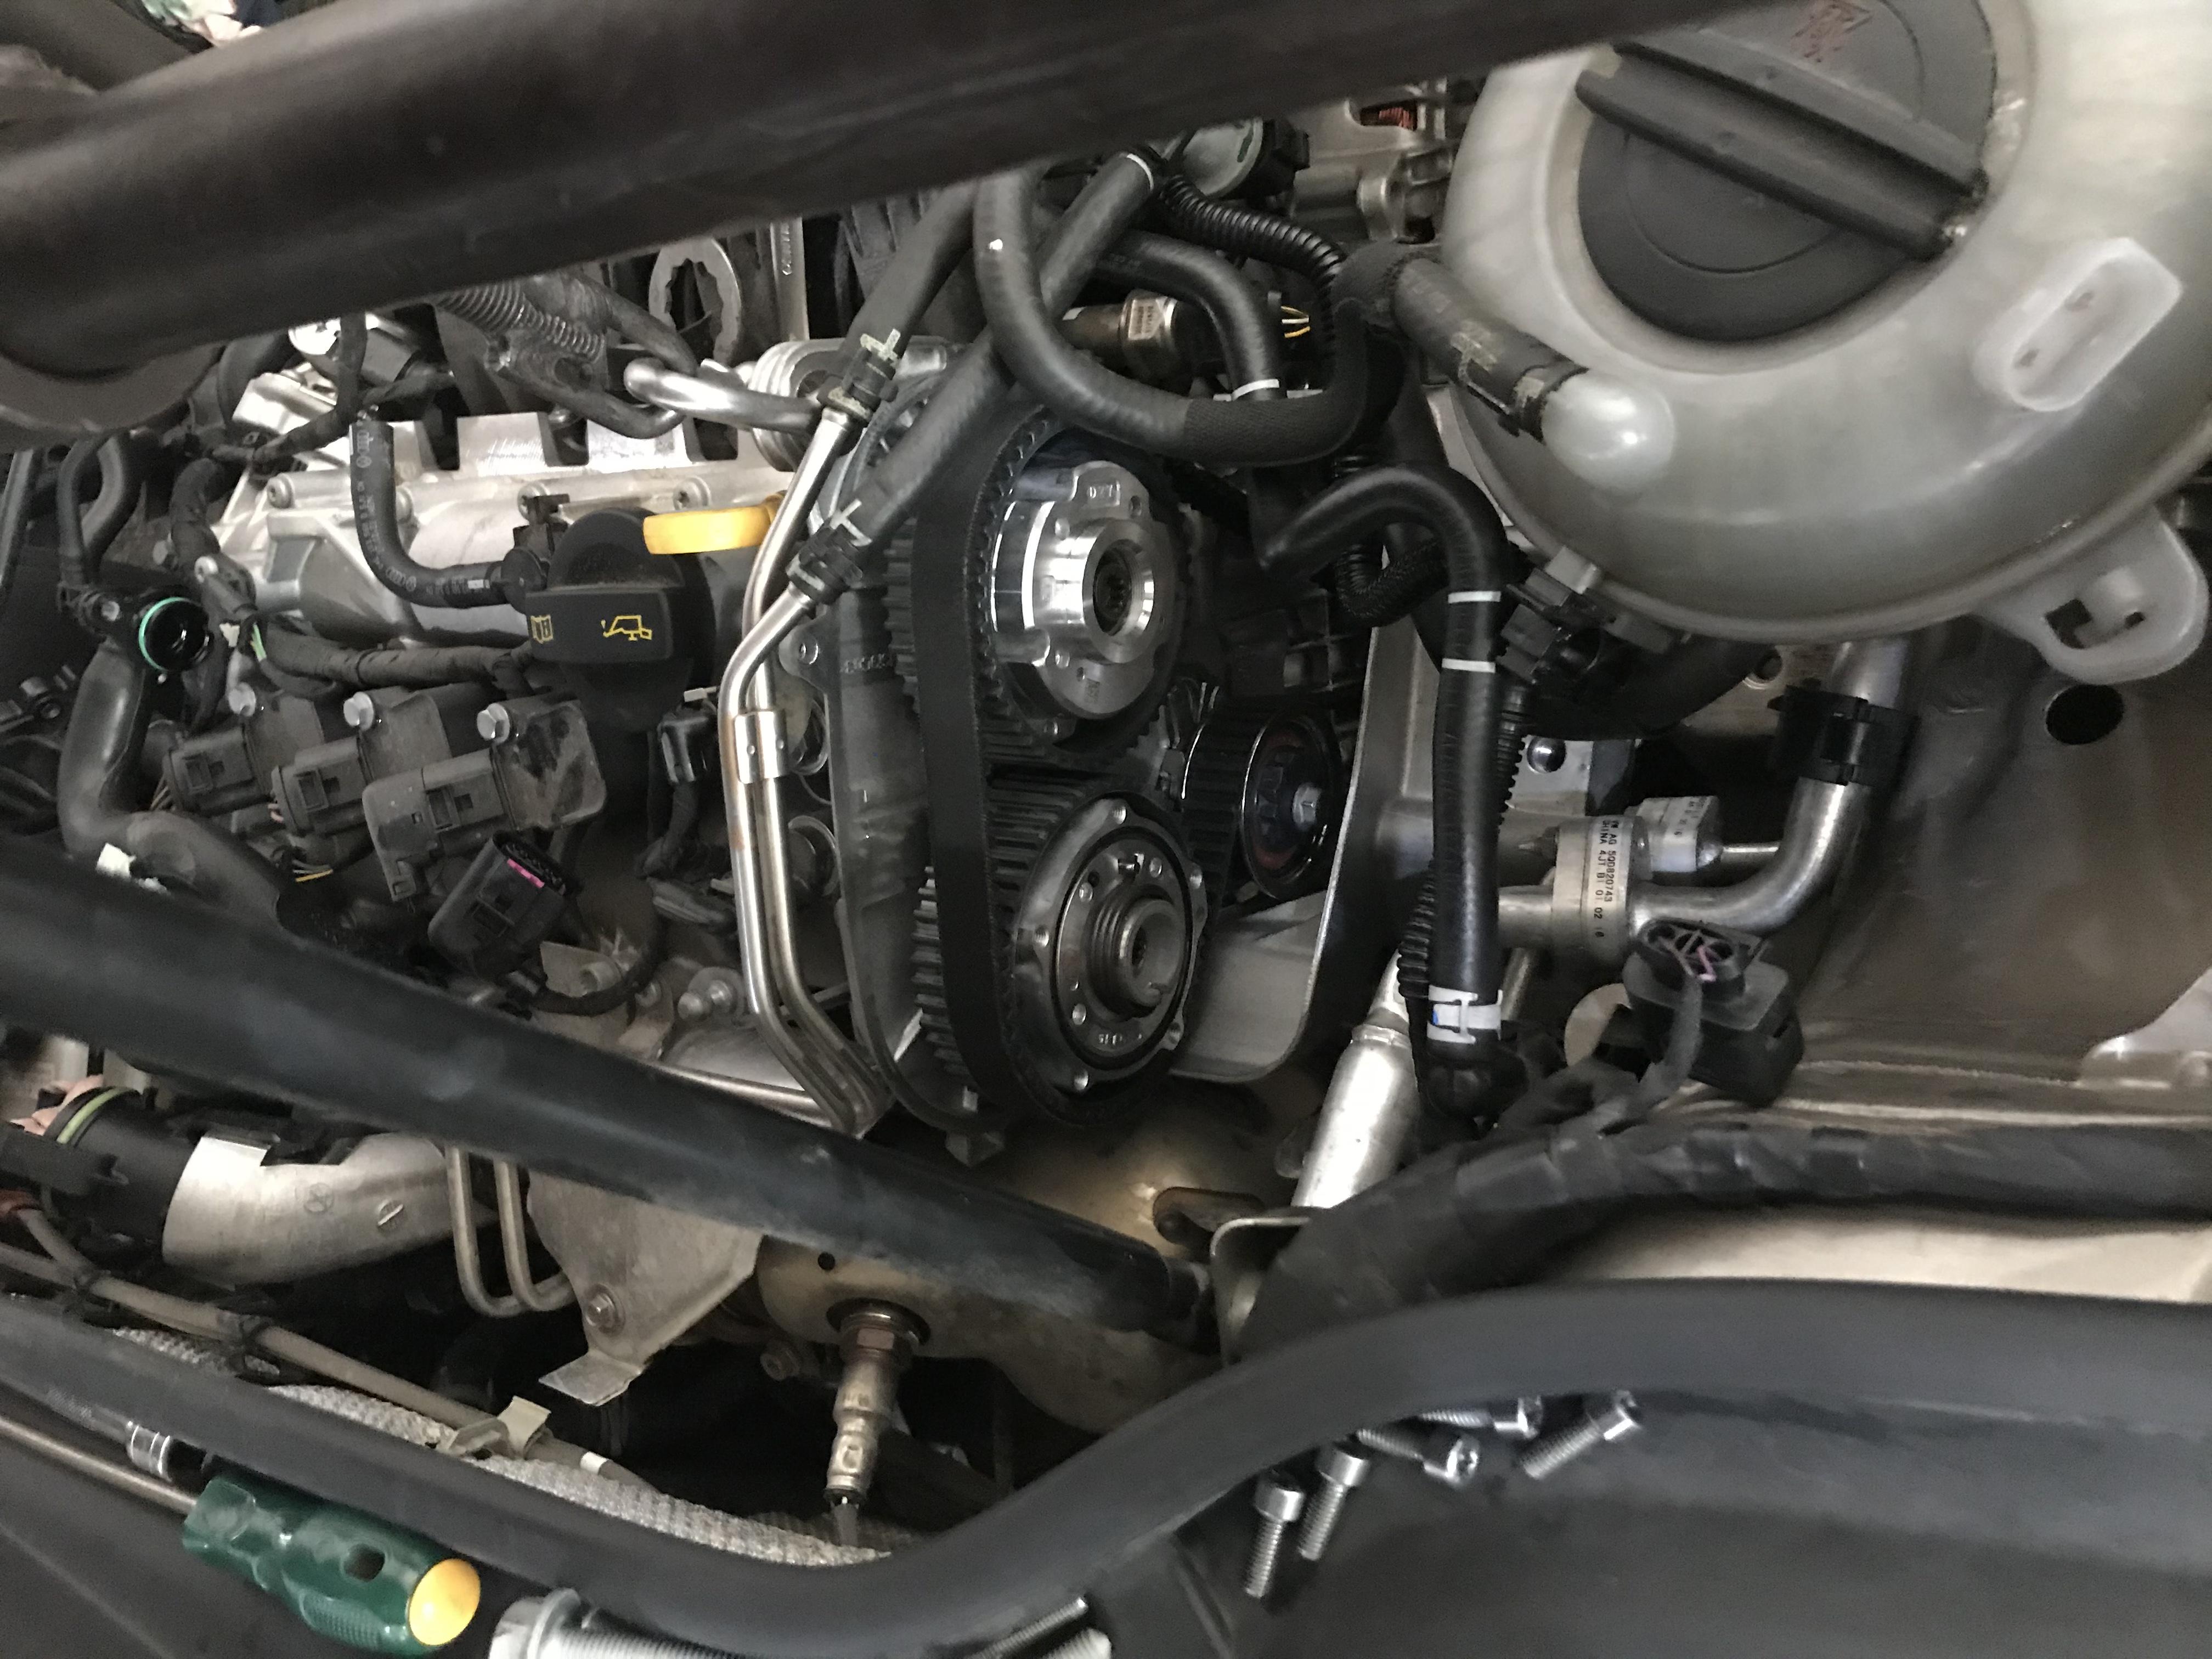 大众-高尔夫 发动机异响,变速箱异响,卡顿自动退档,刹车异响